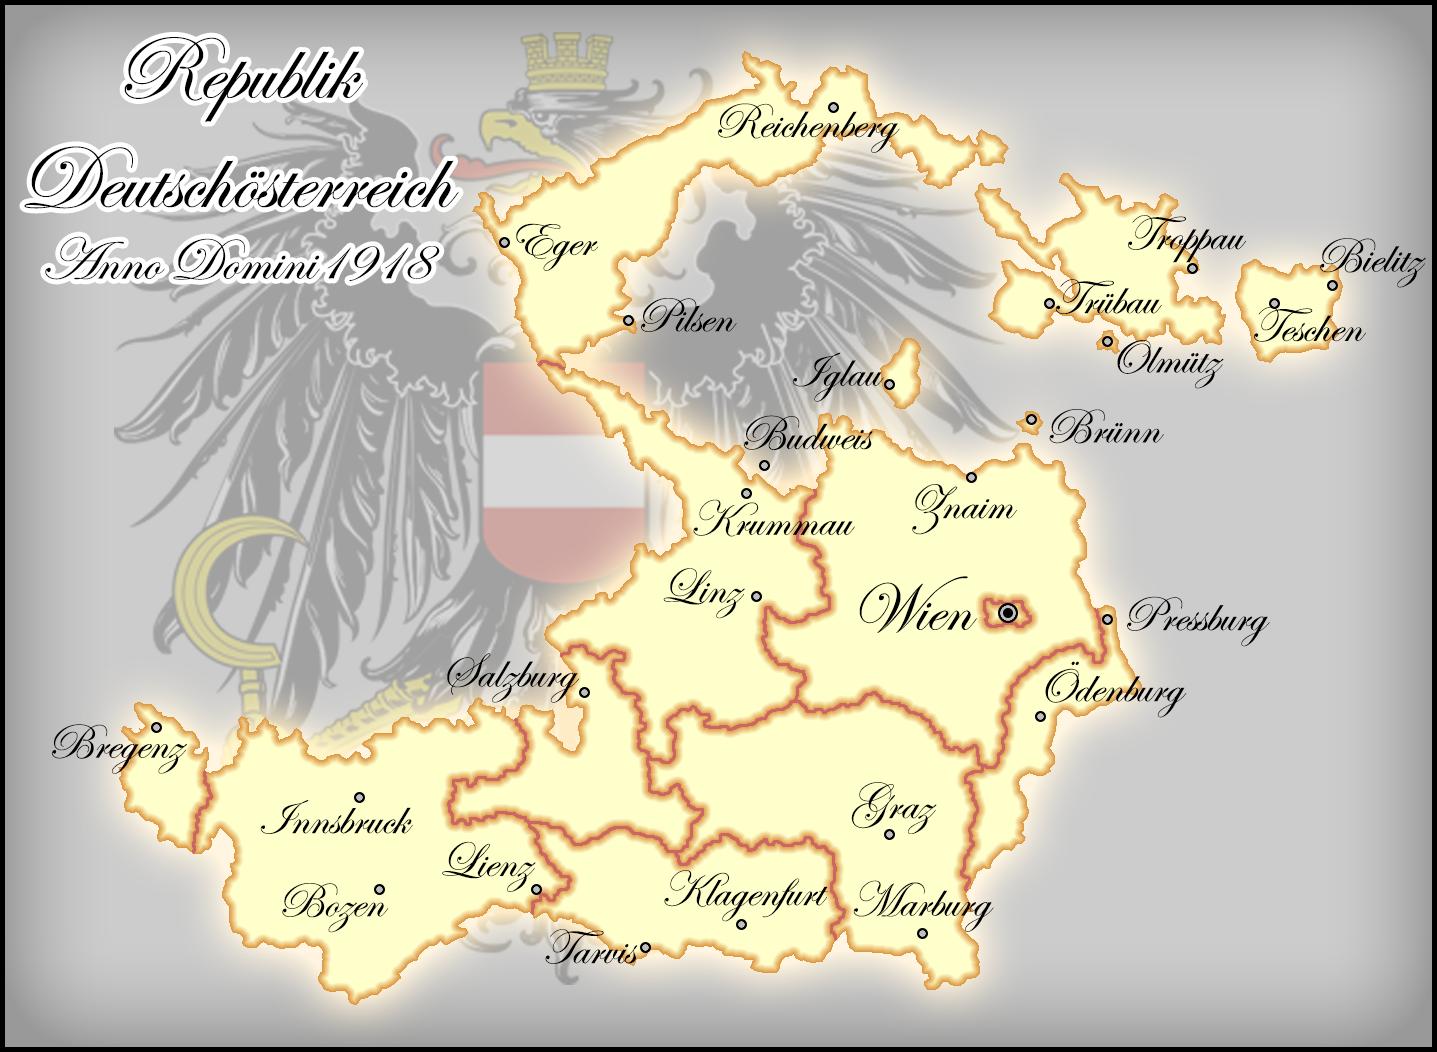 Republic German Austria 1918